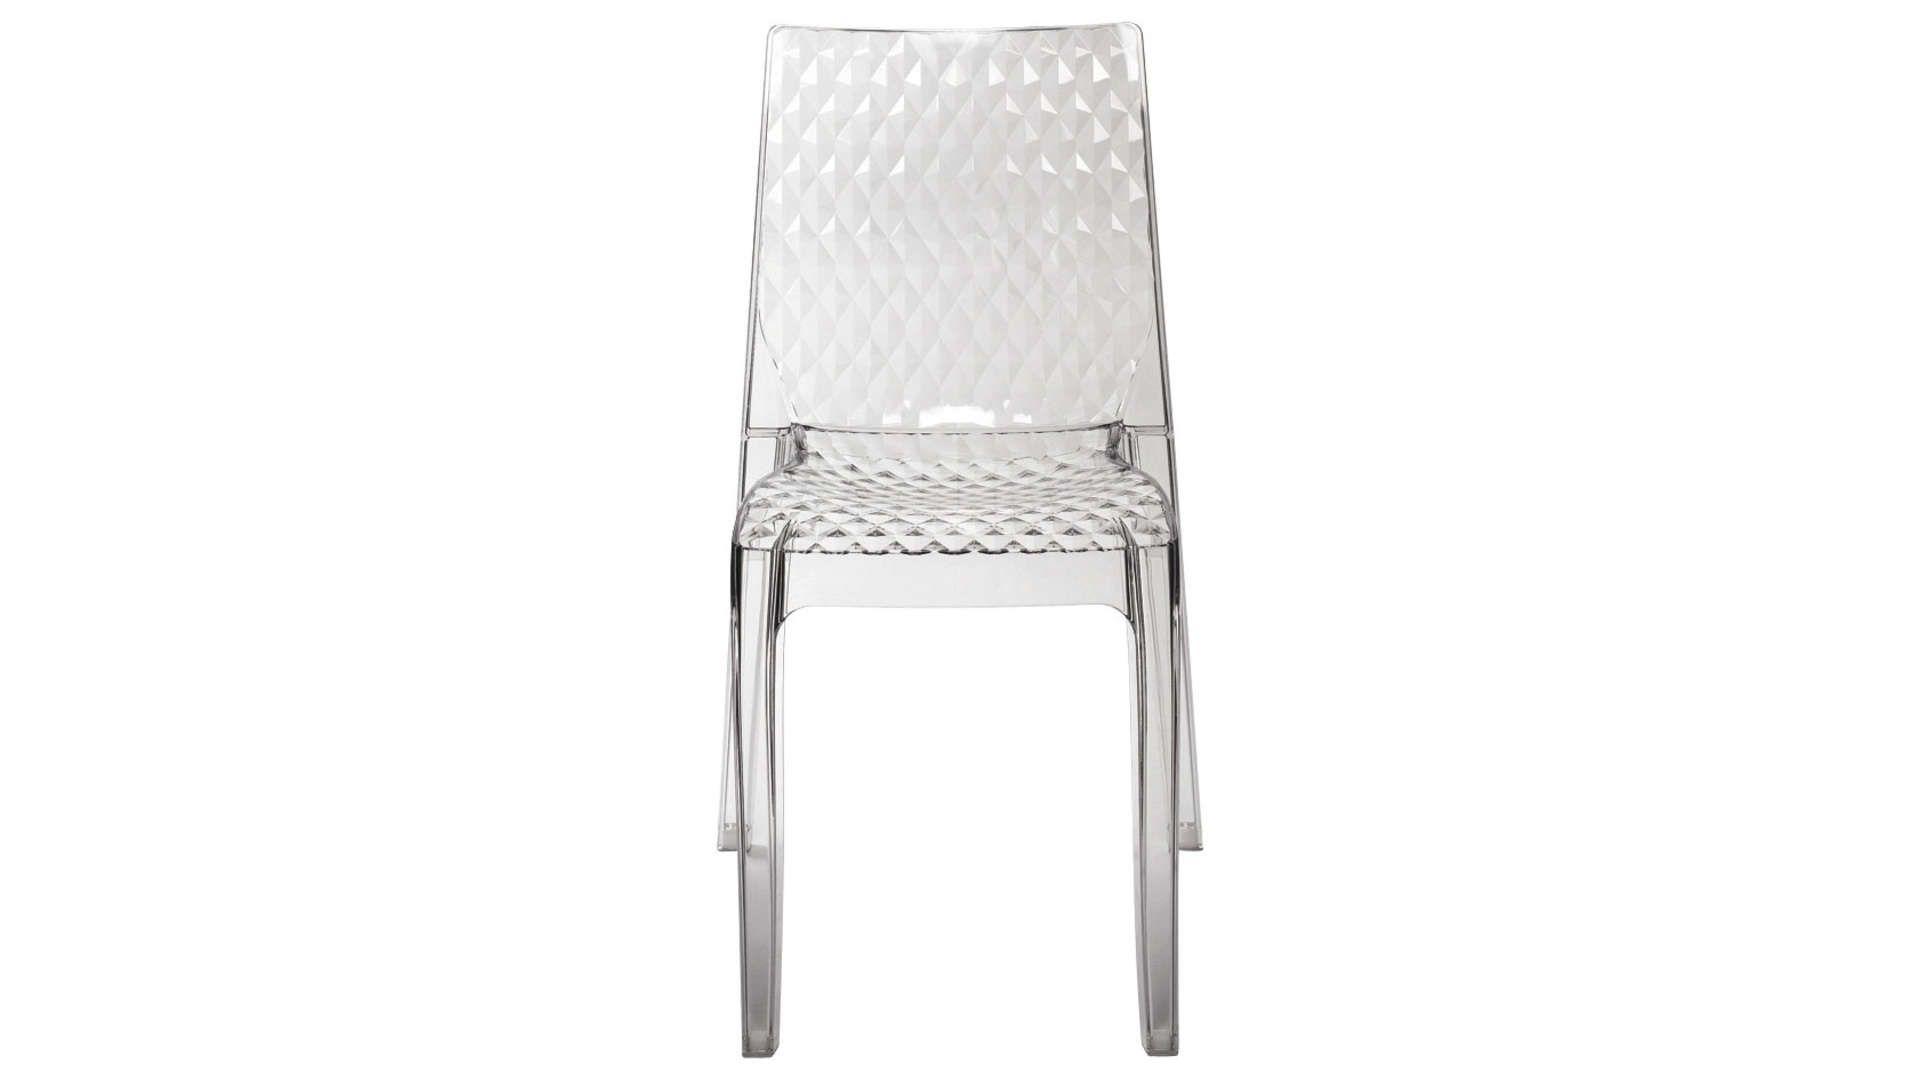 Chaise Transparente Confo Scoop 472936 Chaise Transparente Chaise Et Chaise Empilable